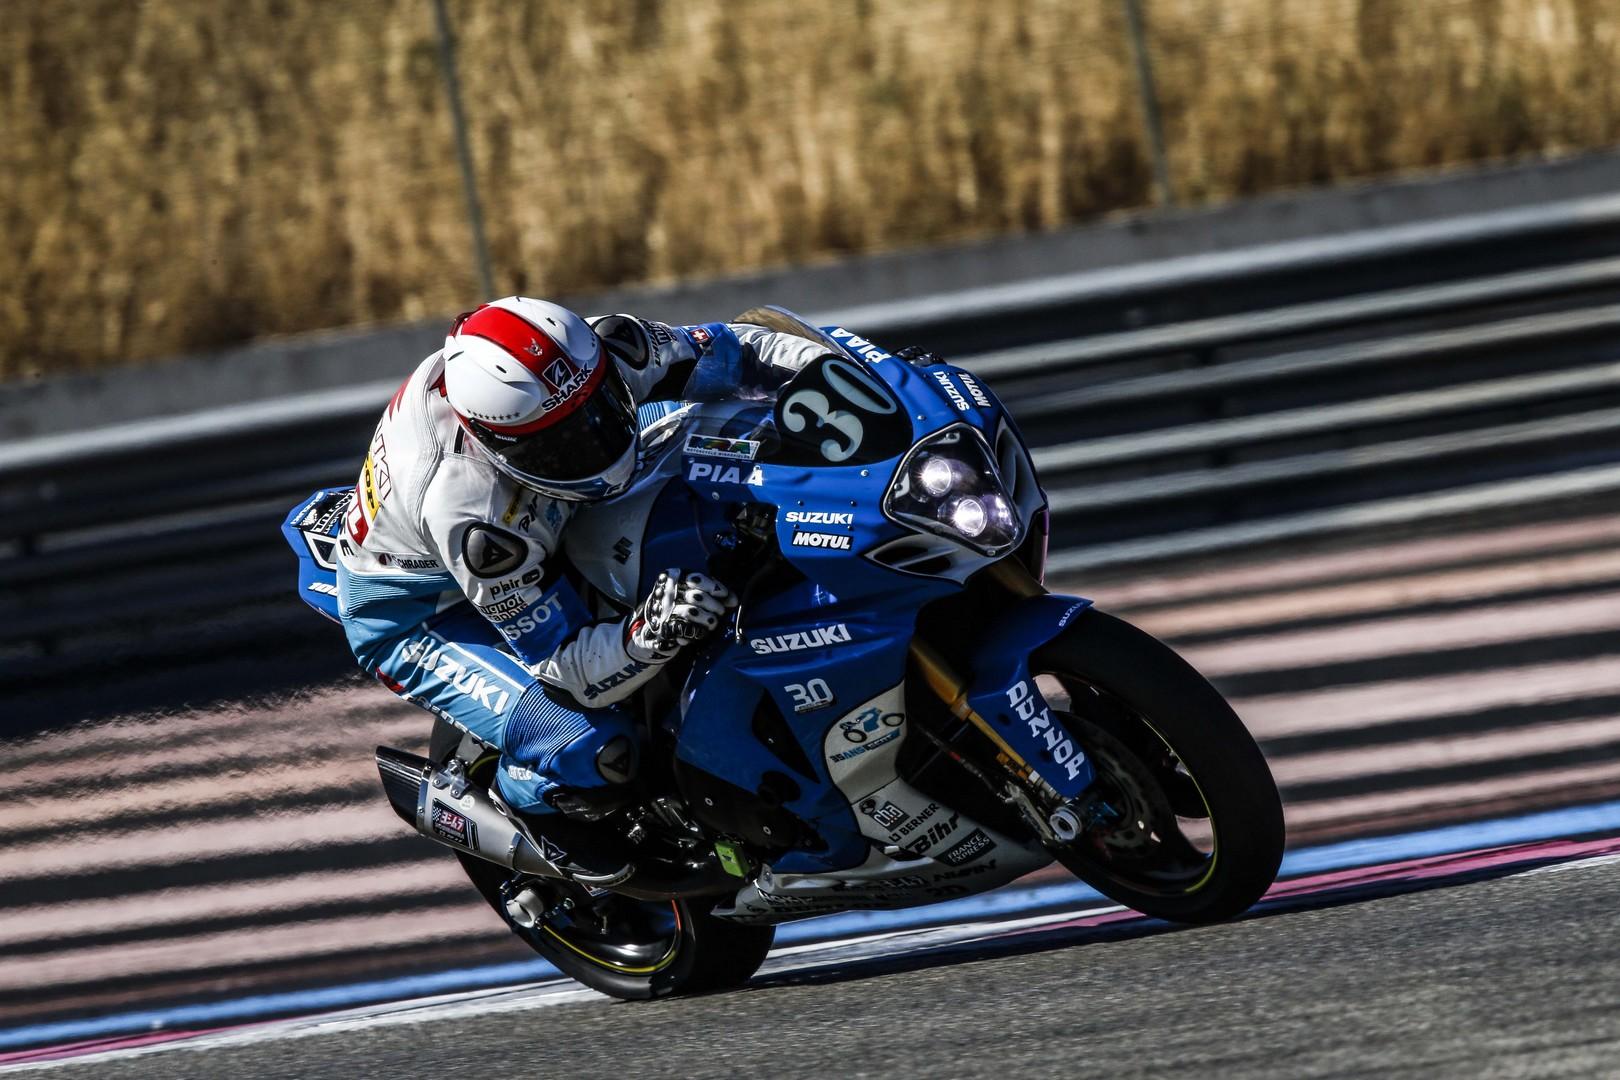 kit xenon H4 de voiture => ok mais Soucis de ballast ou ampoule - Page 2 1449767995-2016-suzuki-endurance-racing-team-sert-fim-endurance-world-championship-01